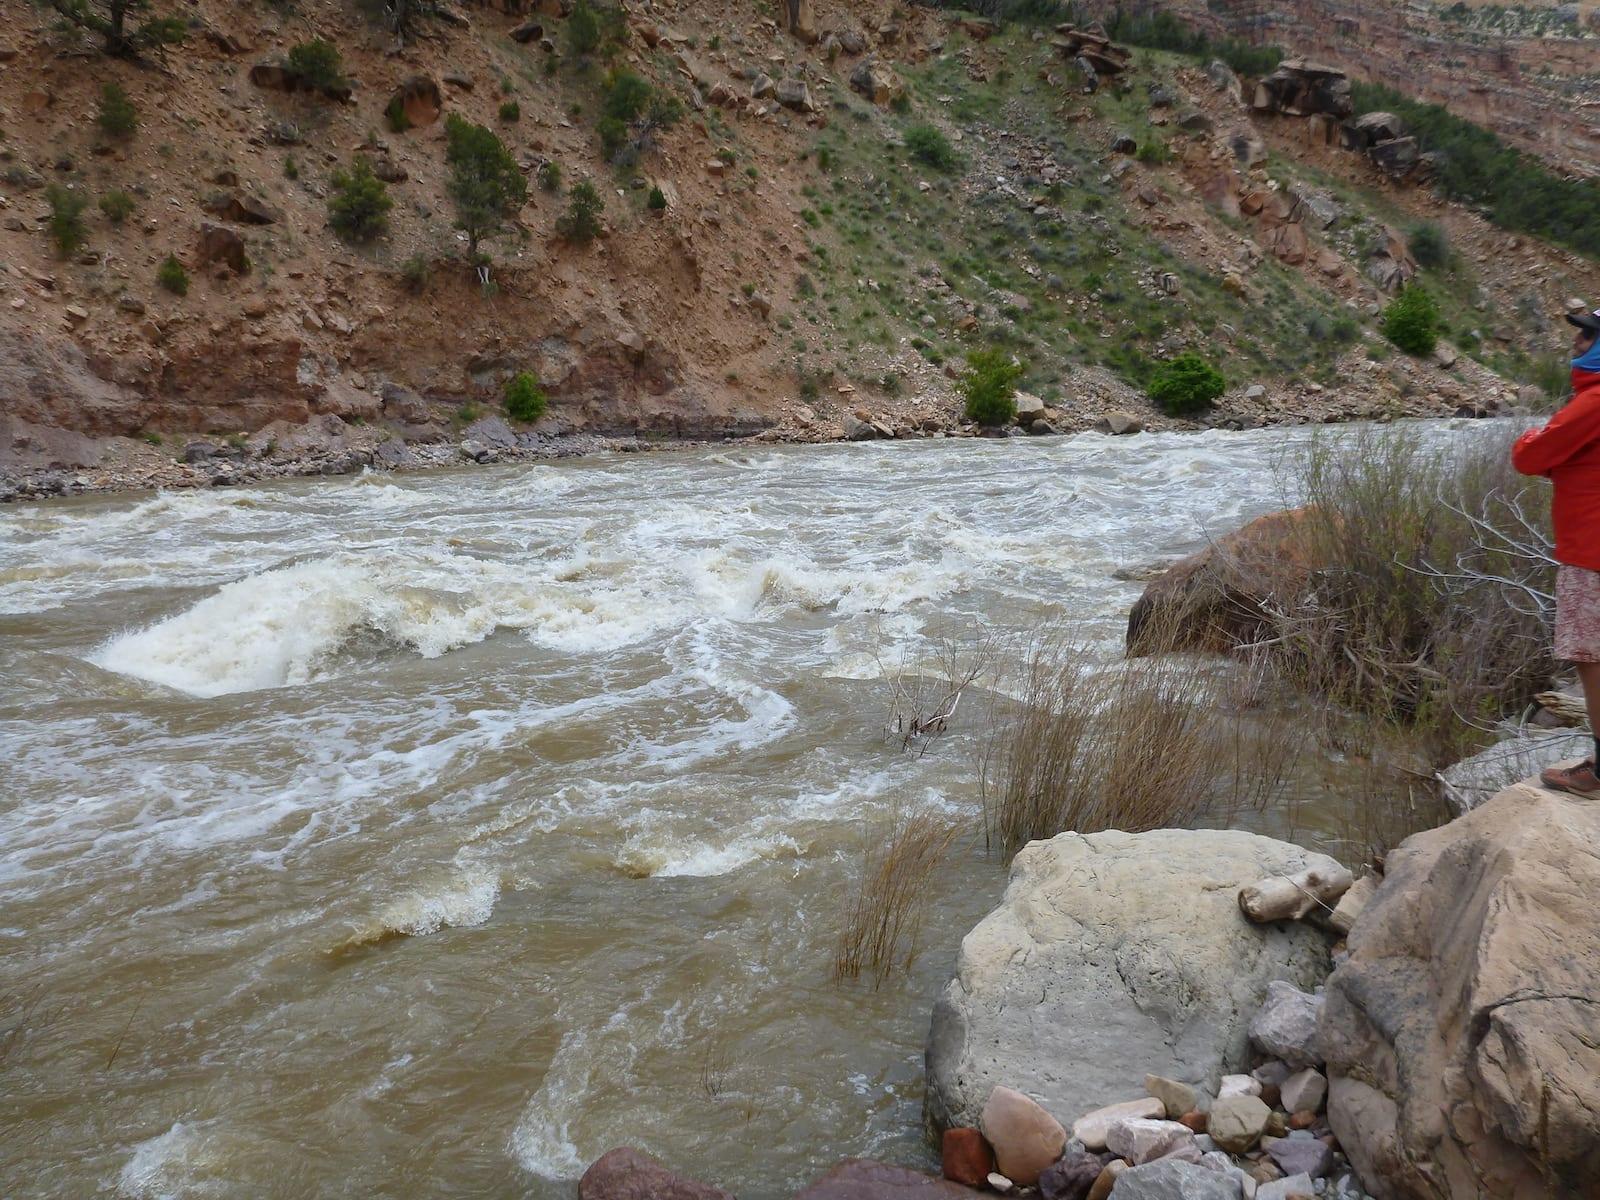 Yampa River Yampa Canyon Whitewater Moffat County Colorado